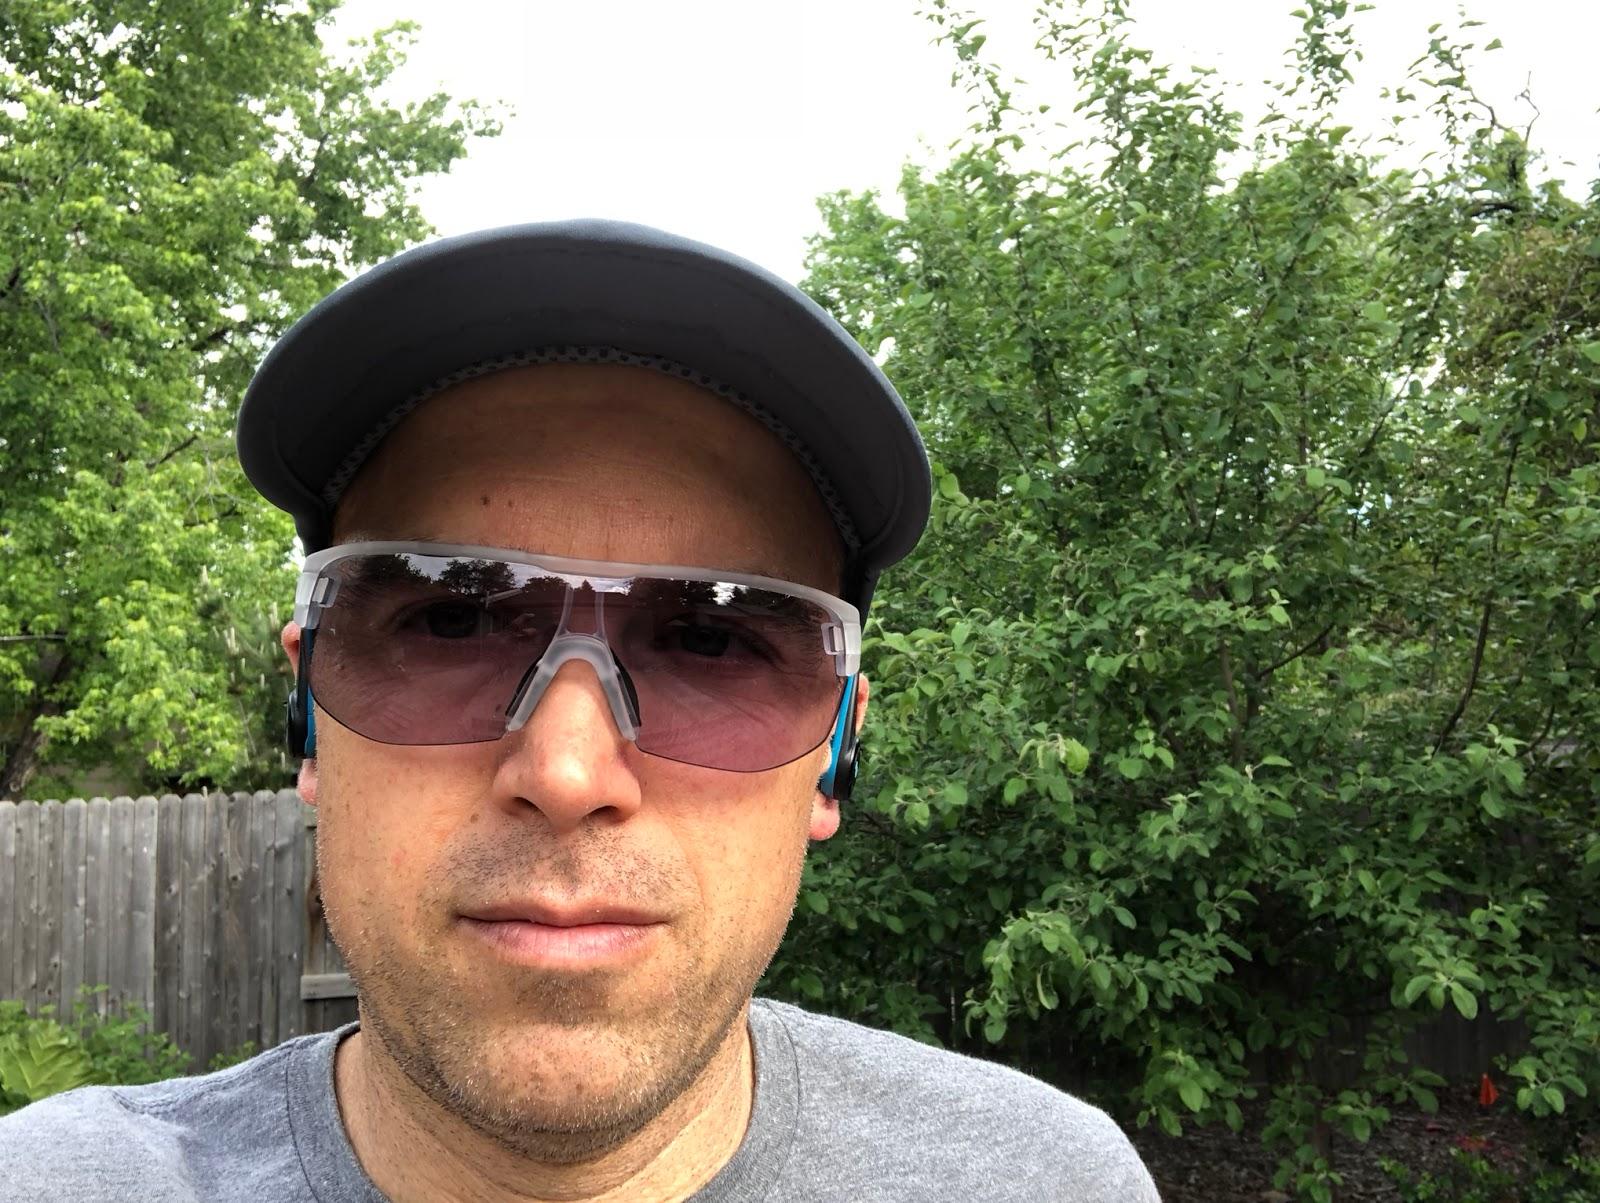 Generacion Bien educado Nominación  Road Trail Run: adidas Zonyk Aero Midcut Pro Sunglasses Review